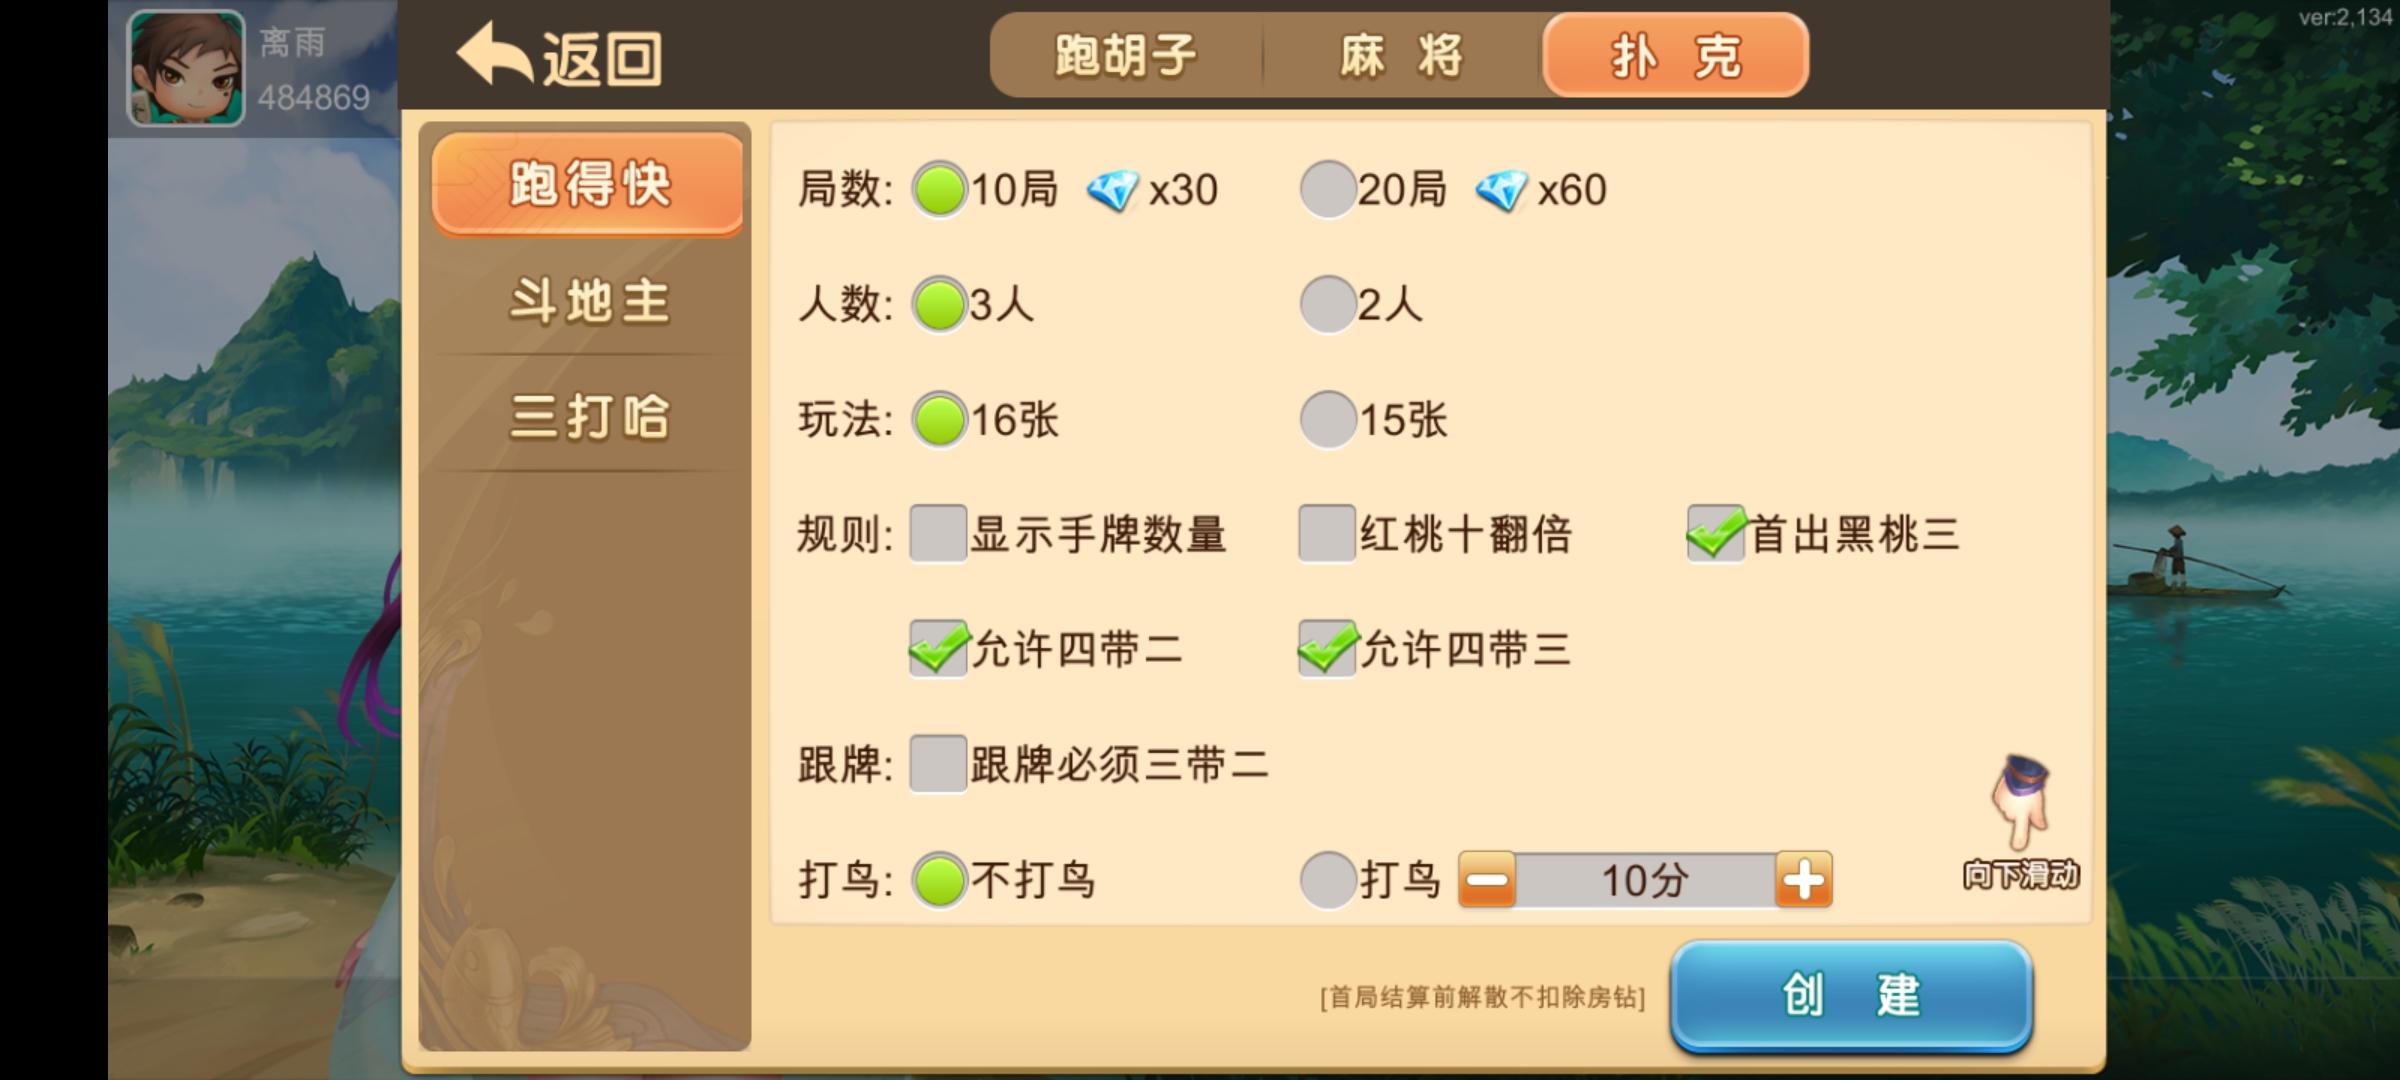 闲玩湖南玩法插图(4)